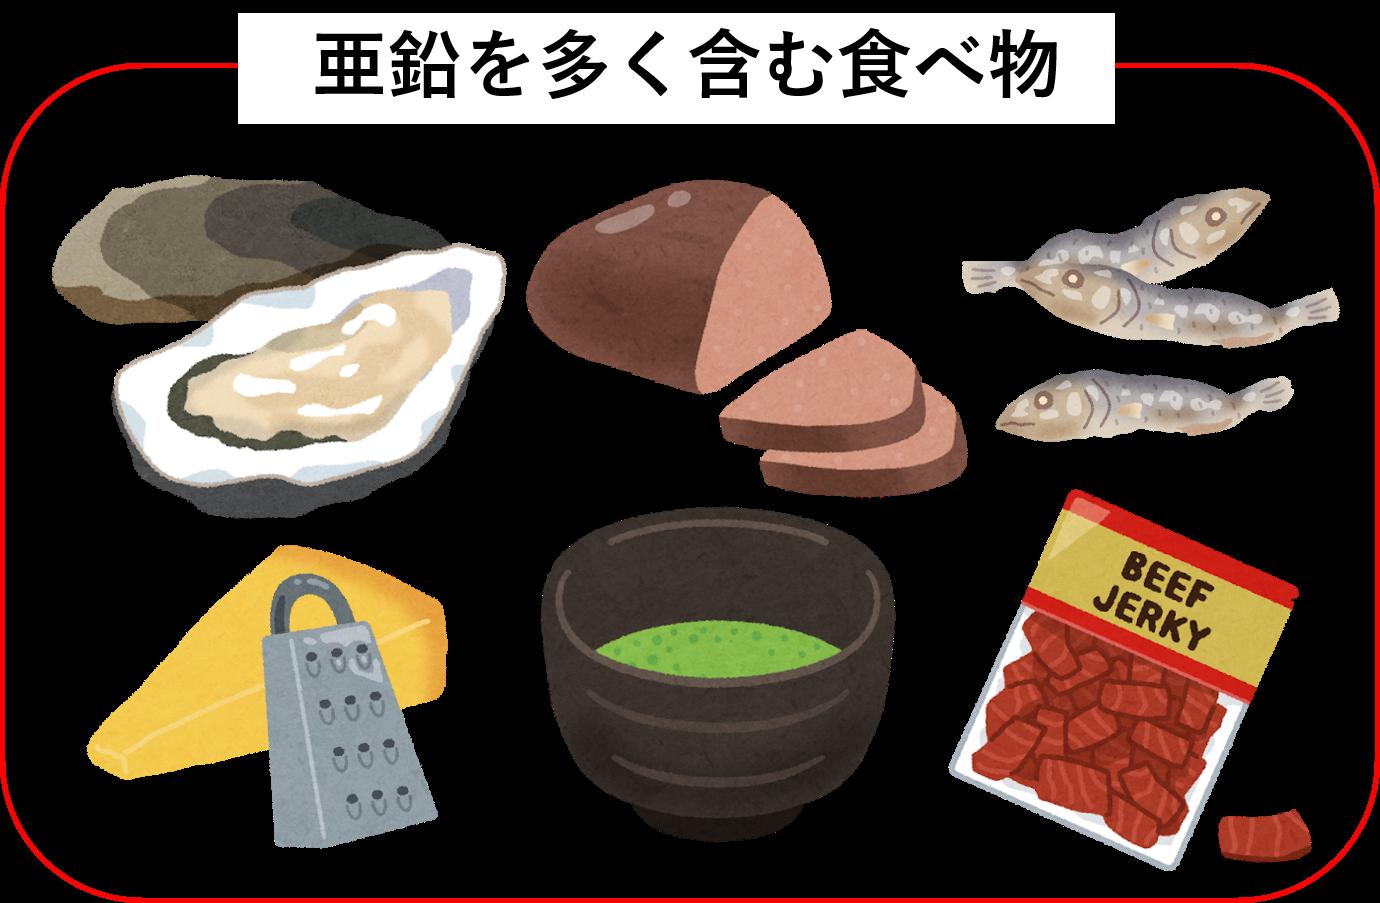 食べ物 多い 亜鉛 が